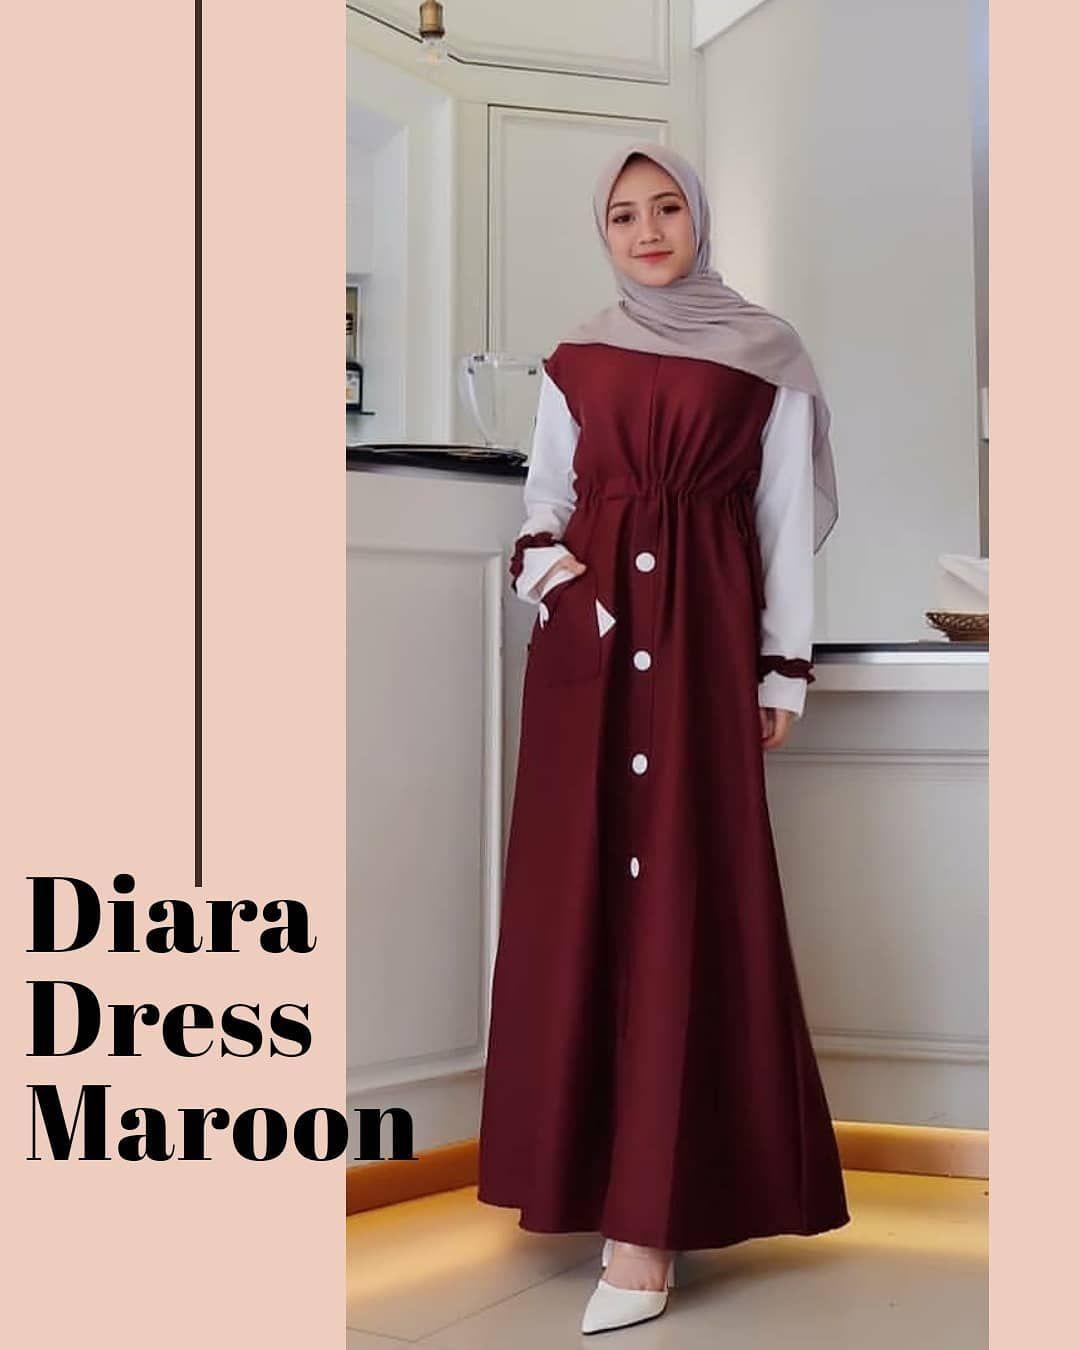 Gamis Bahan Moscrepe Idr 130 000 Format Order Nama Alamat No Hp Orderan Belum Termasuk Ongkir Busanamuslim G Hijab Fashion Dresses Muslimah